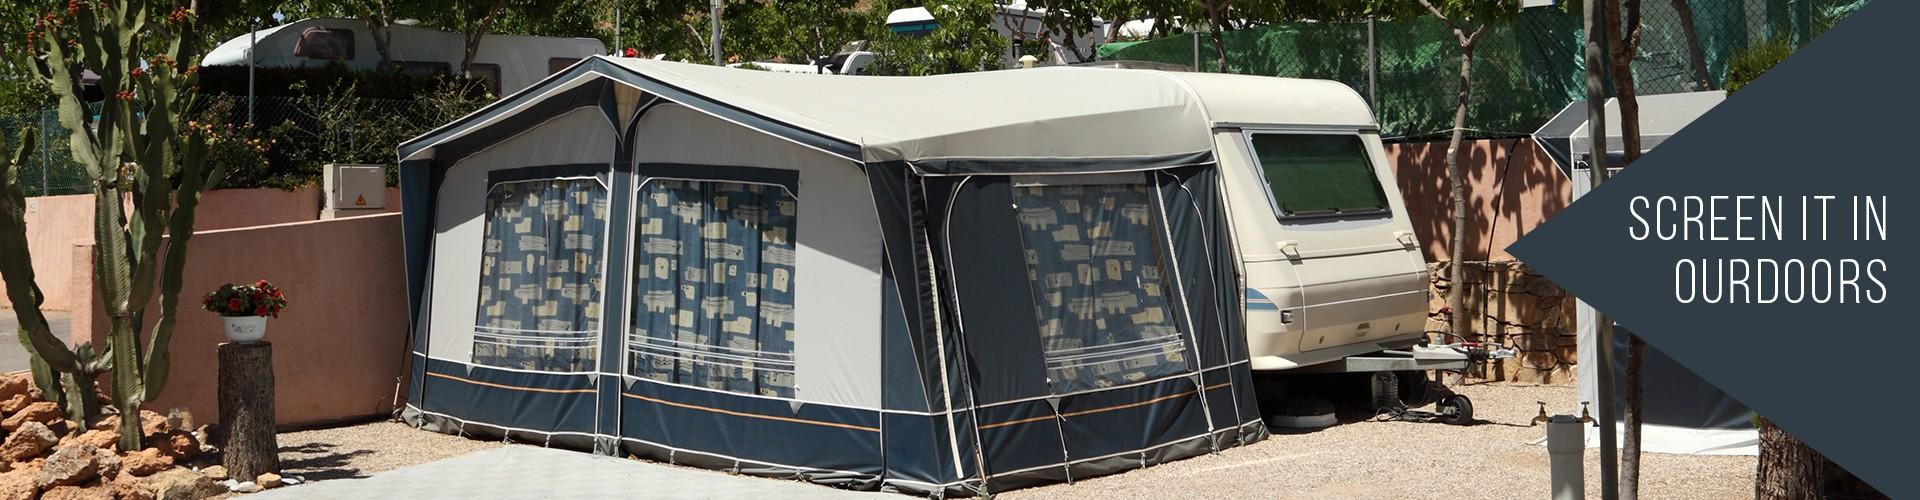 front rv shade shades screen and solera frontandsideshadebanner awning side